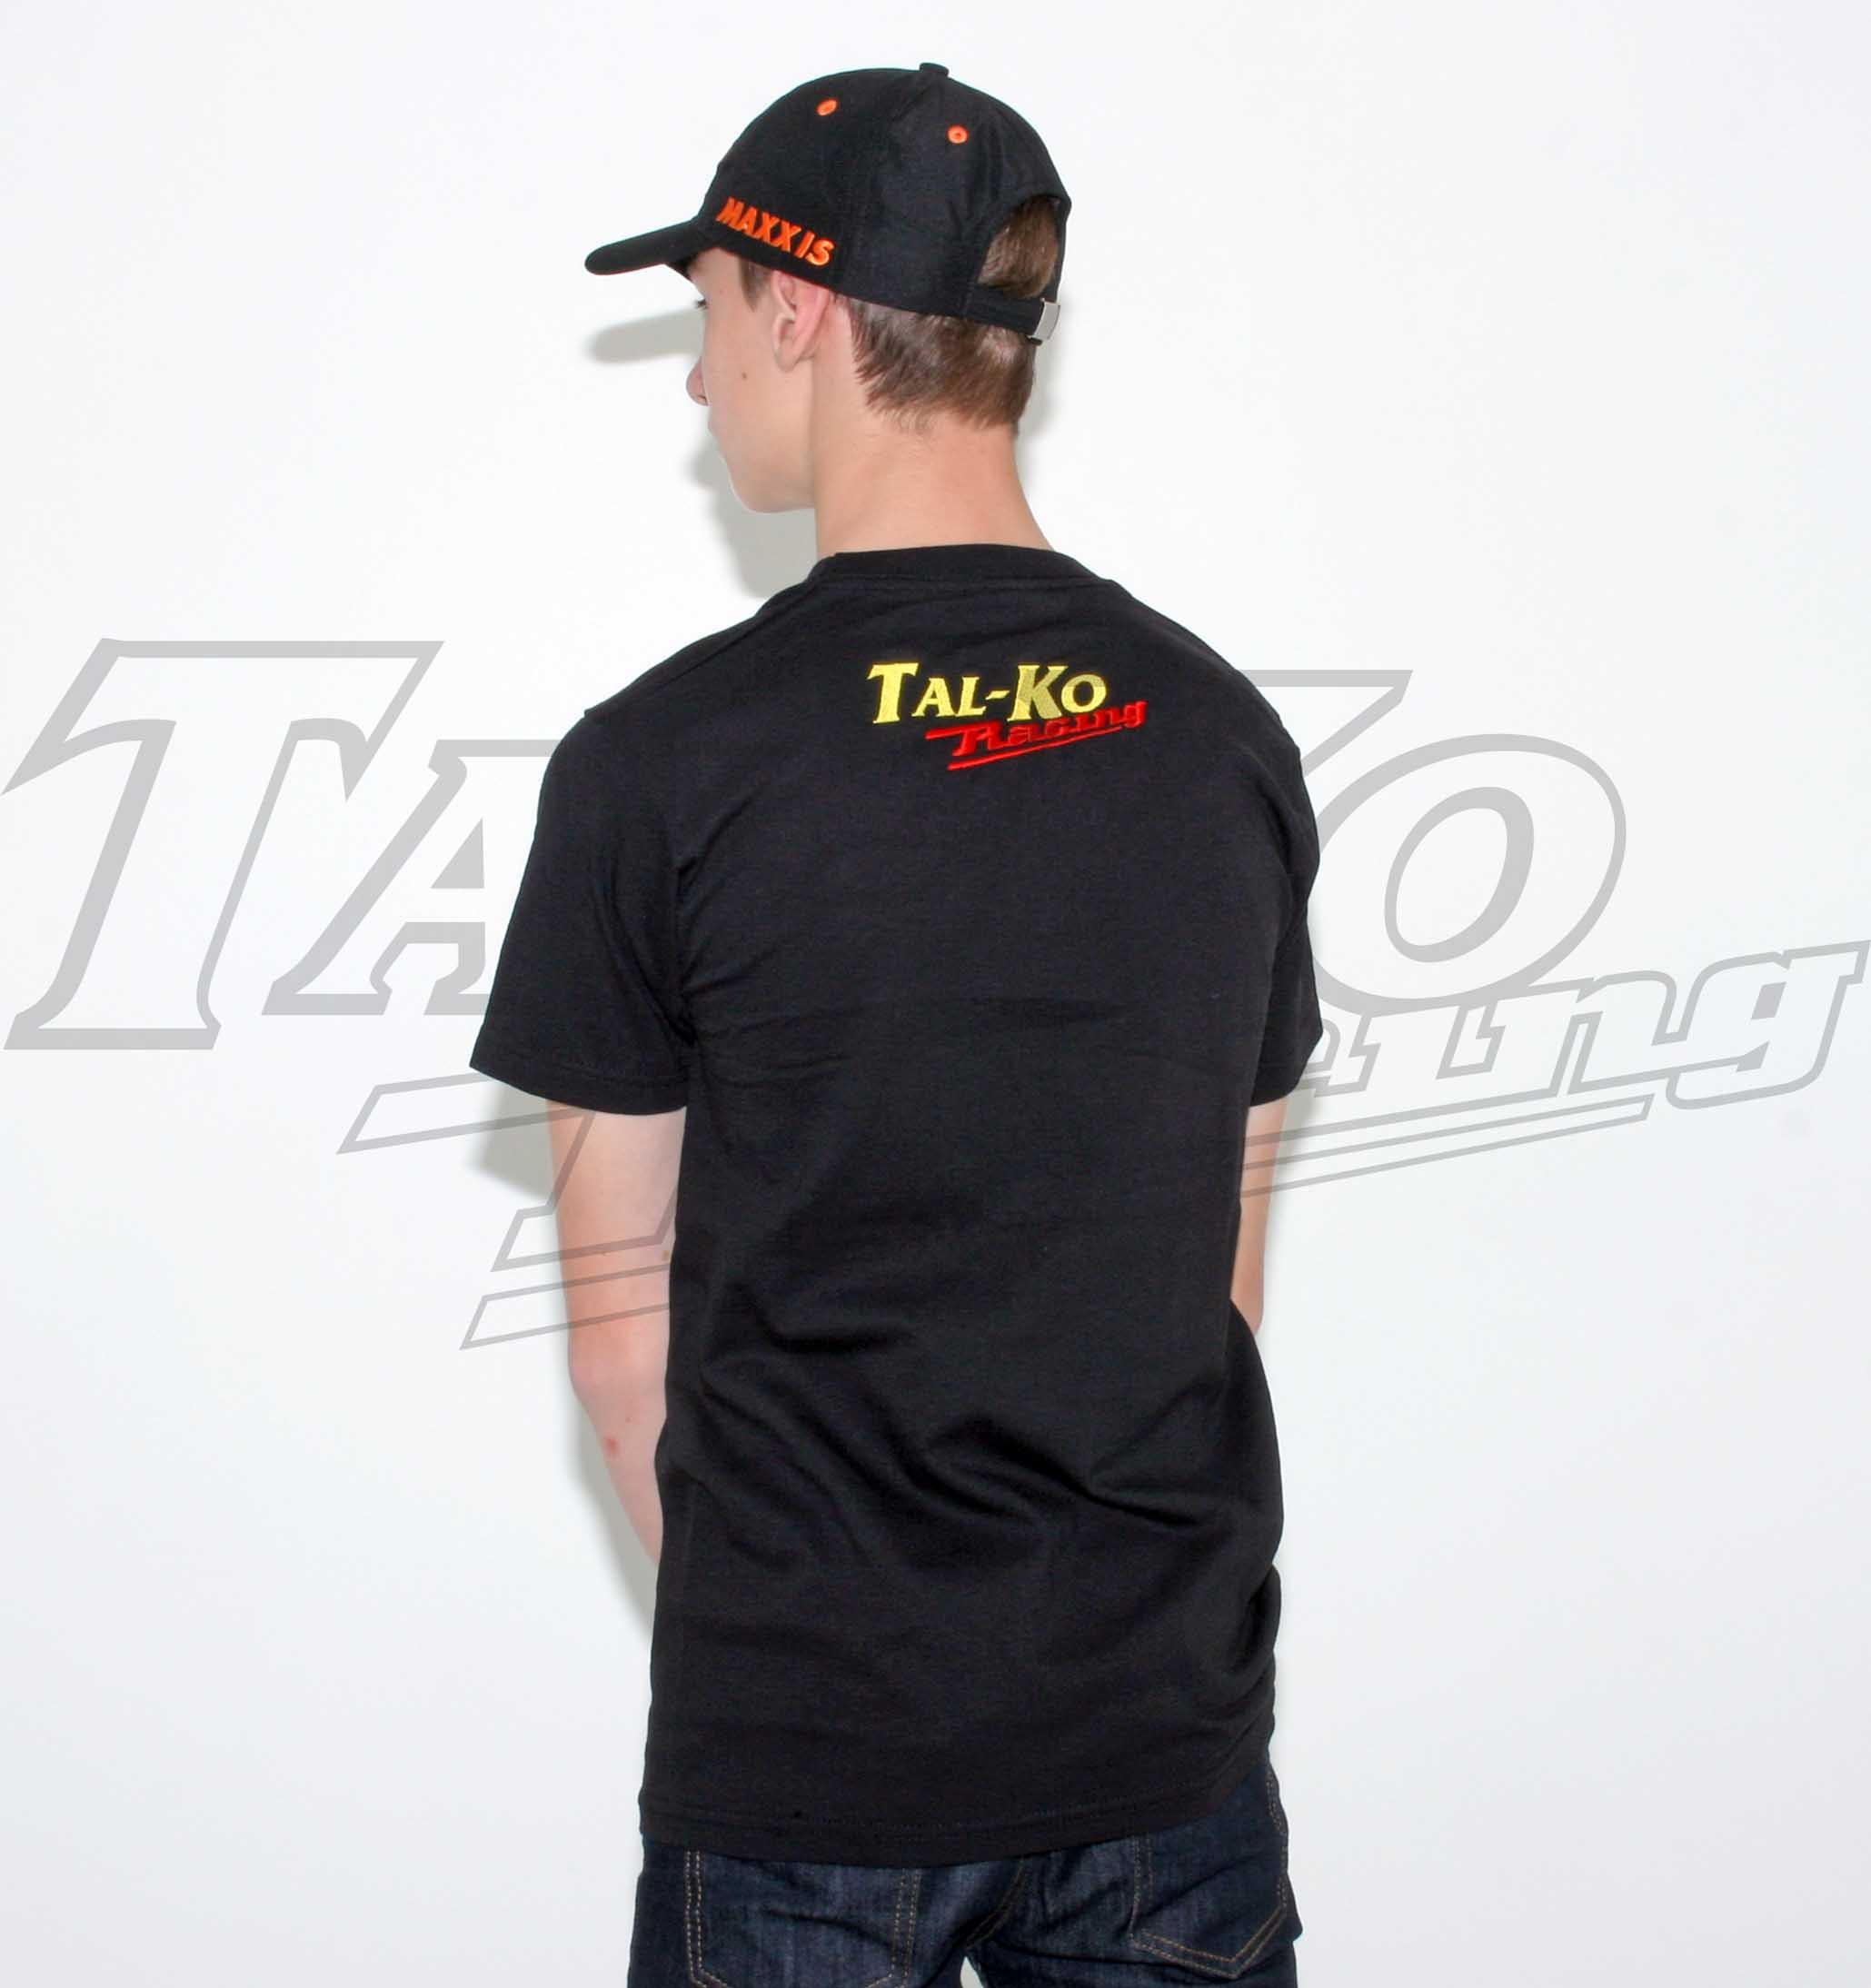 TAL-KO RACING T SHIRT S